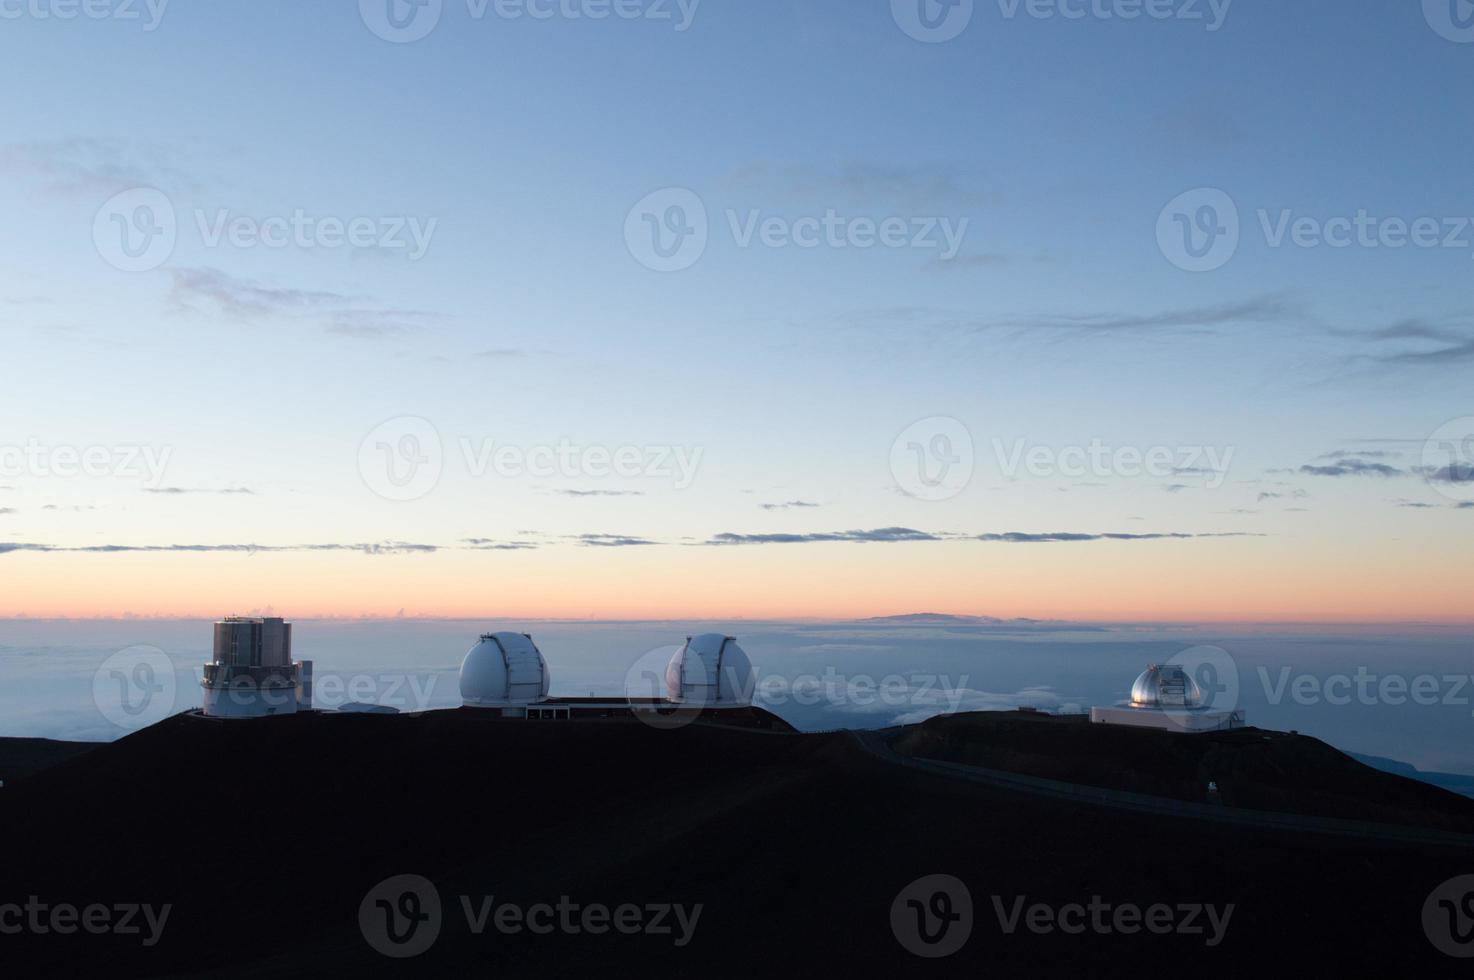 gigantische ruimtetelescoop Hawaï foto